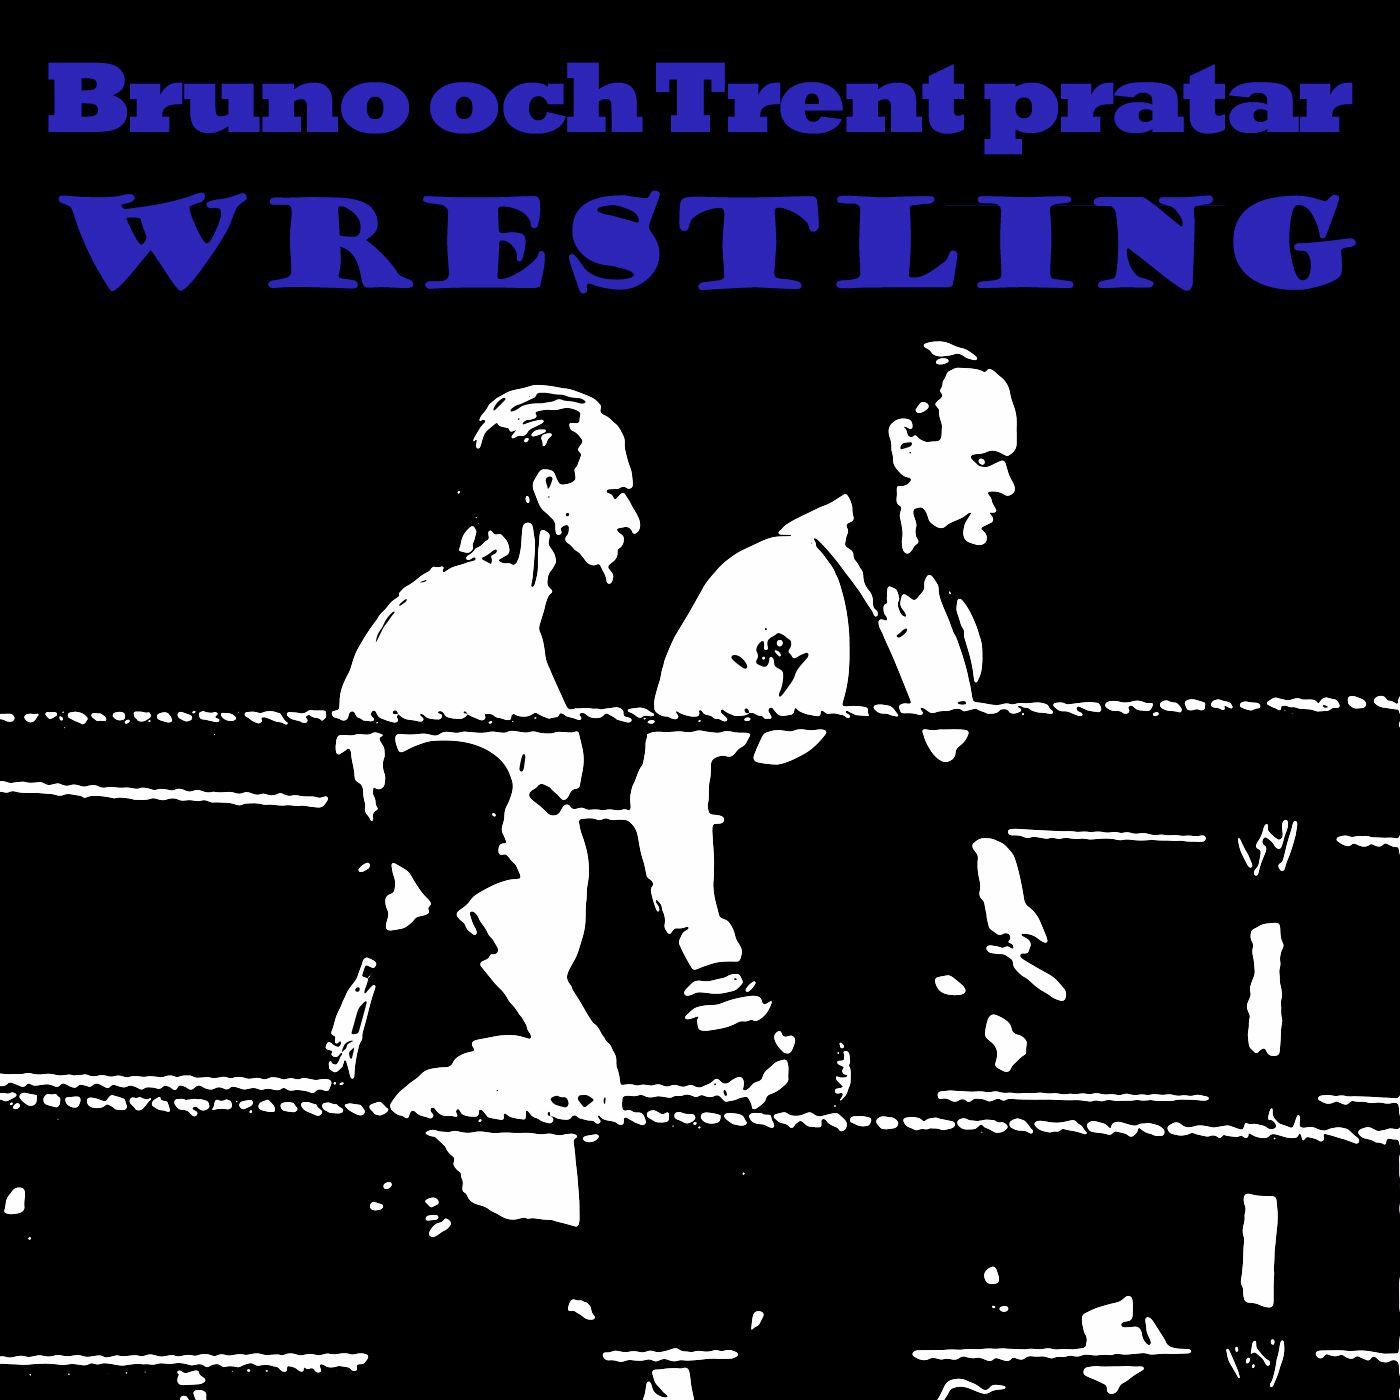 Bruno och Trent pratar wrestling